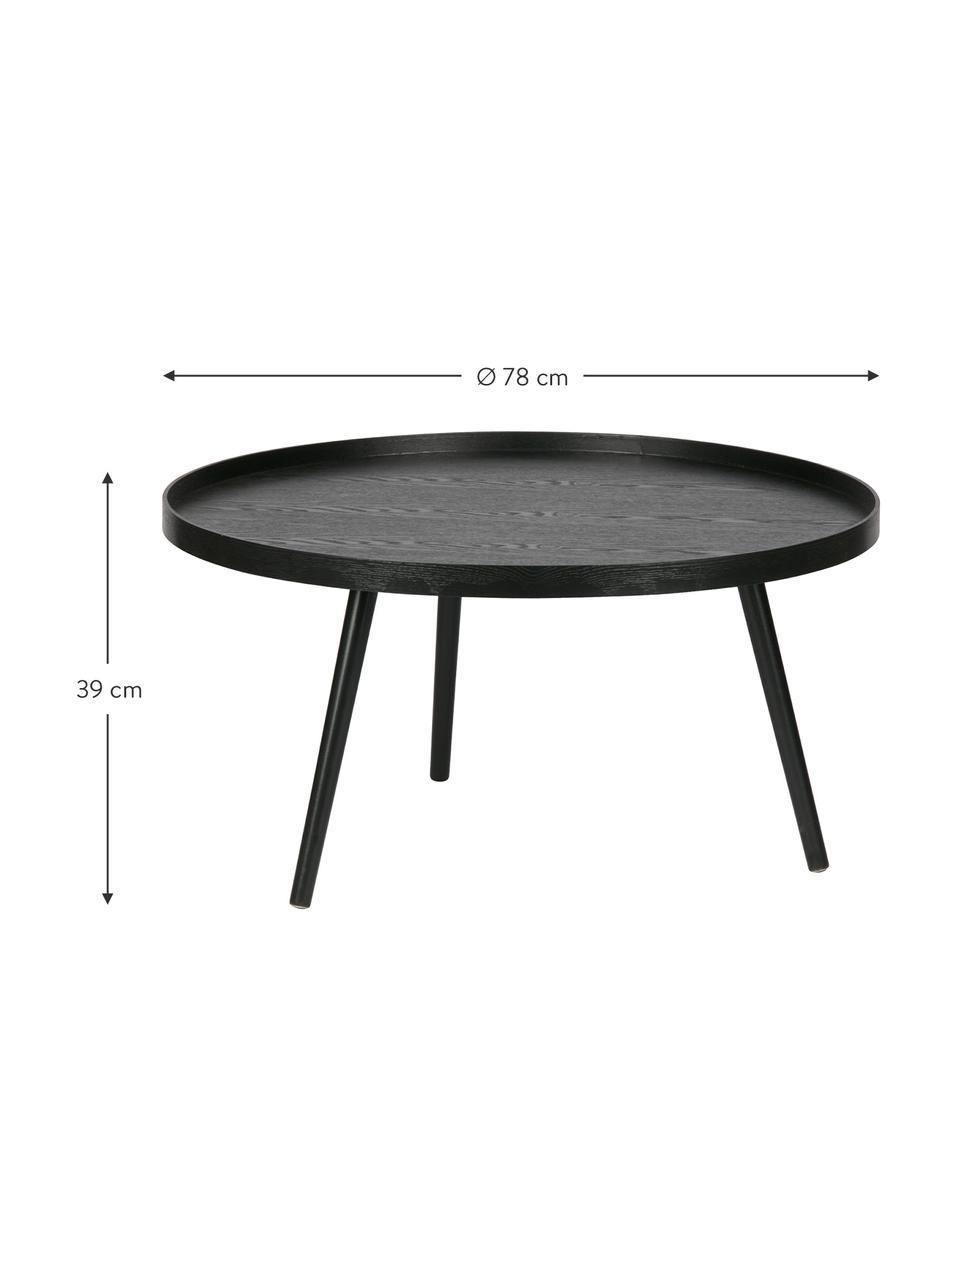 Ronde Retro-salontafel Mesa van hout, MDF met gelakt grenenhoutfineer, Zwart, Ø 78 cm